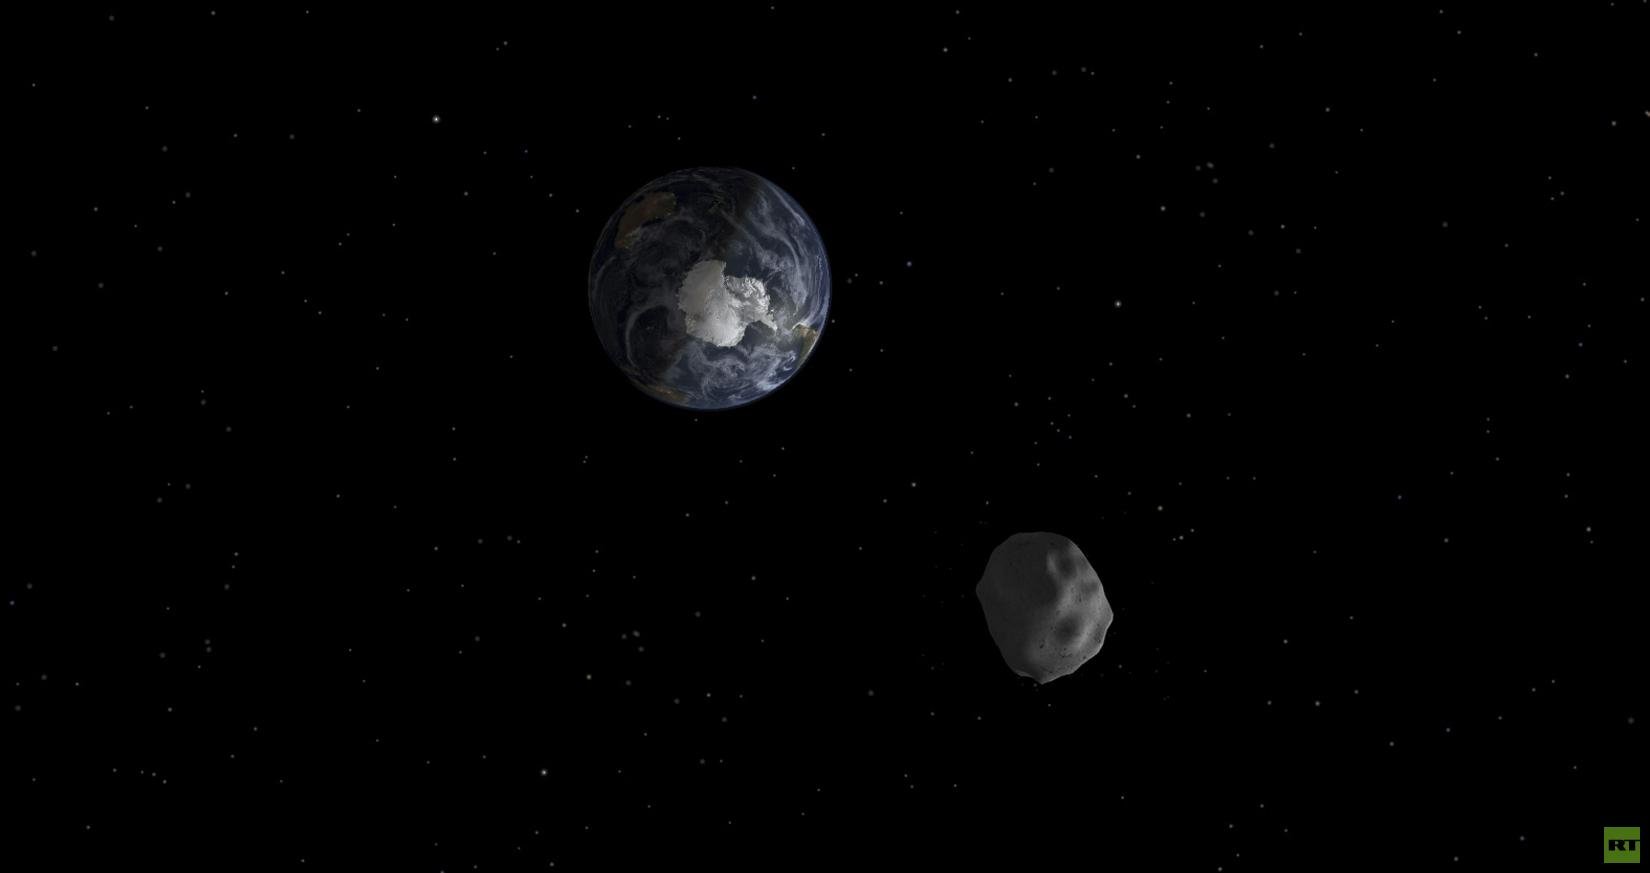 كويكب محتمل الخطورة يقترب من الأرض